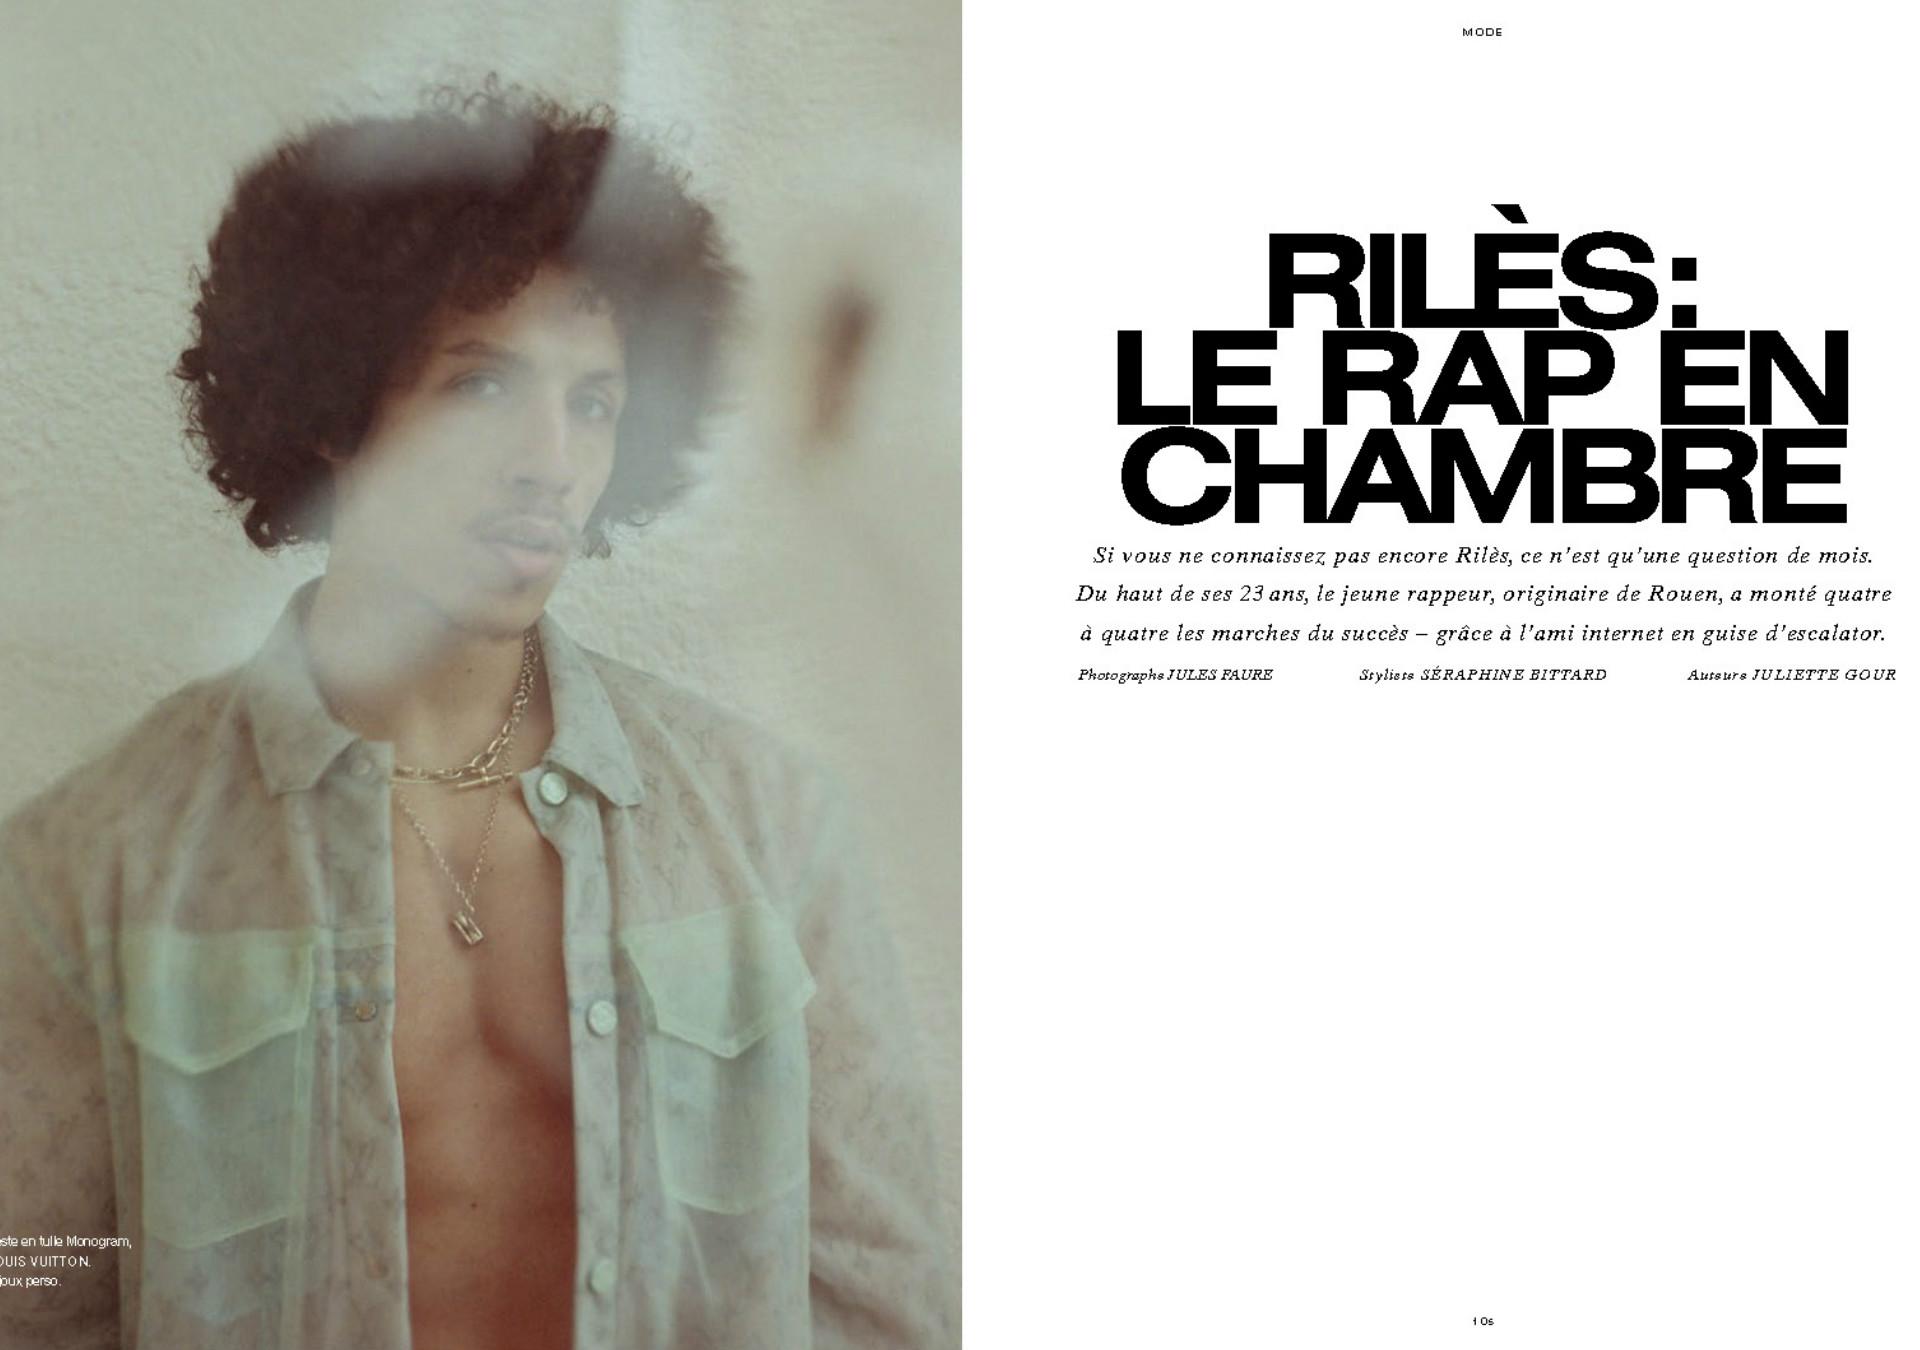 SAFE MGMT Management Paris - Riles